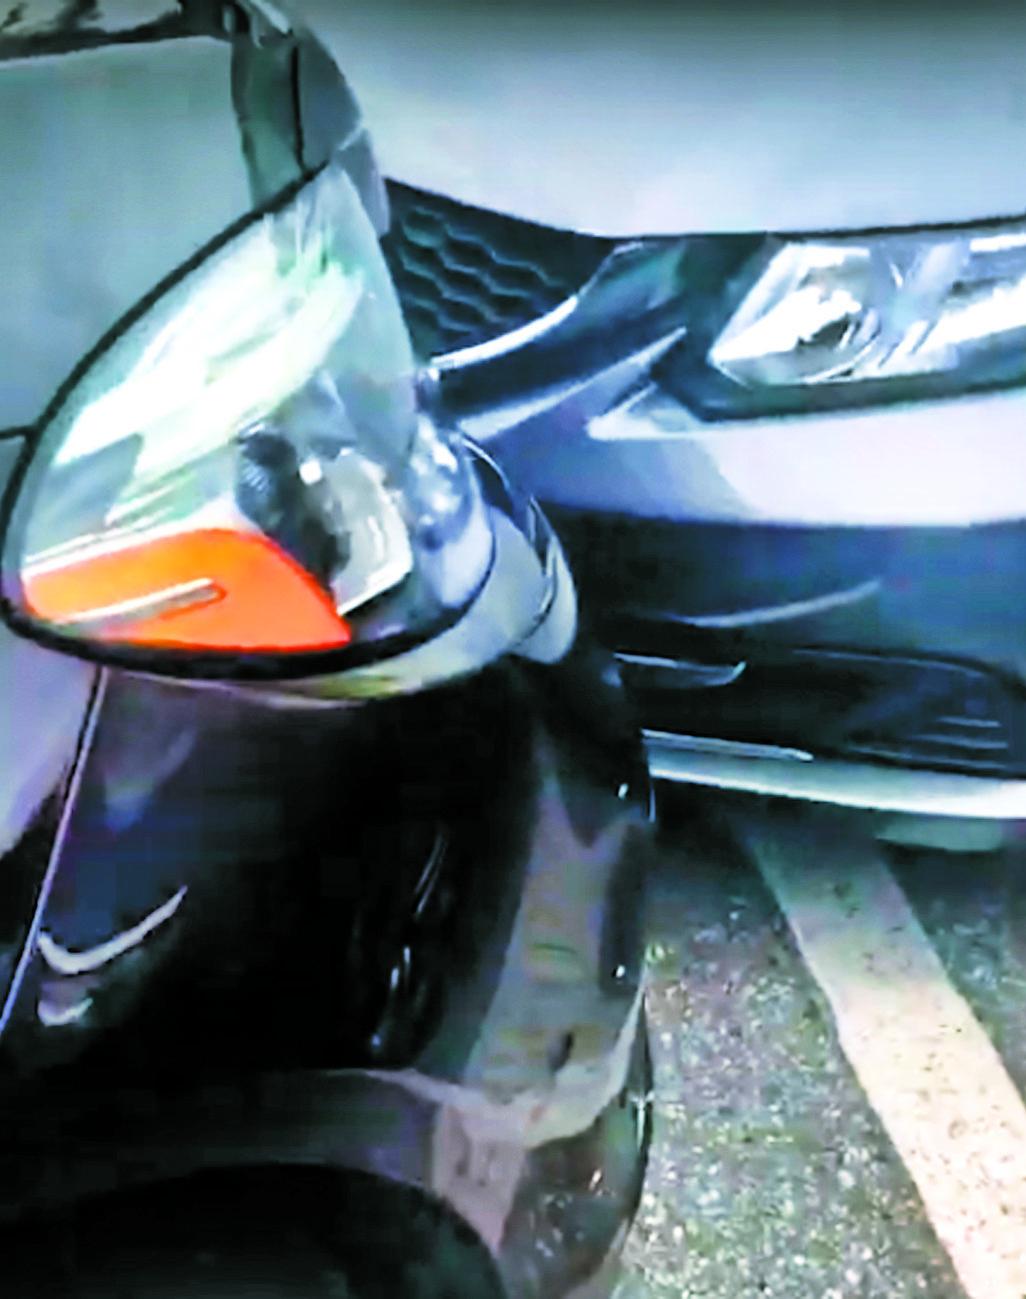 该部白人女子的汽车明显越界,并撞及事主的汽车。微信截图